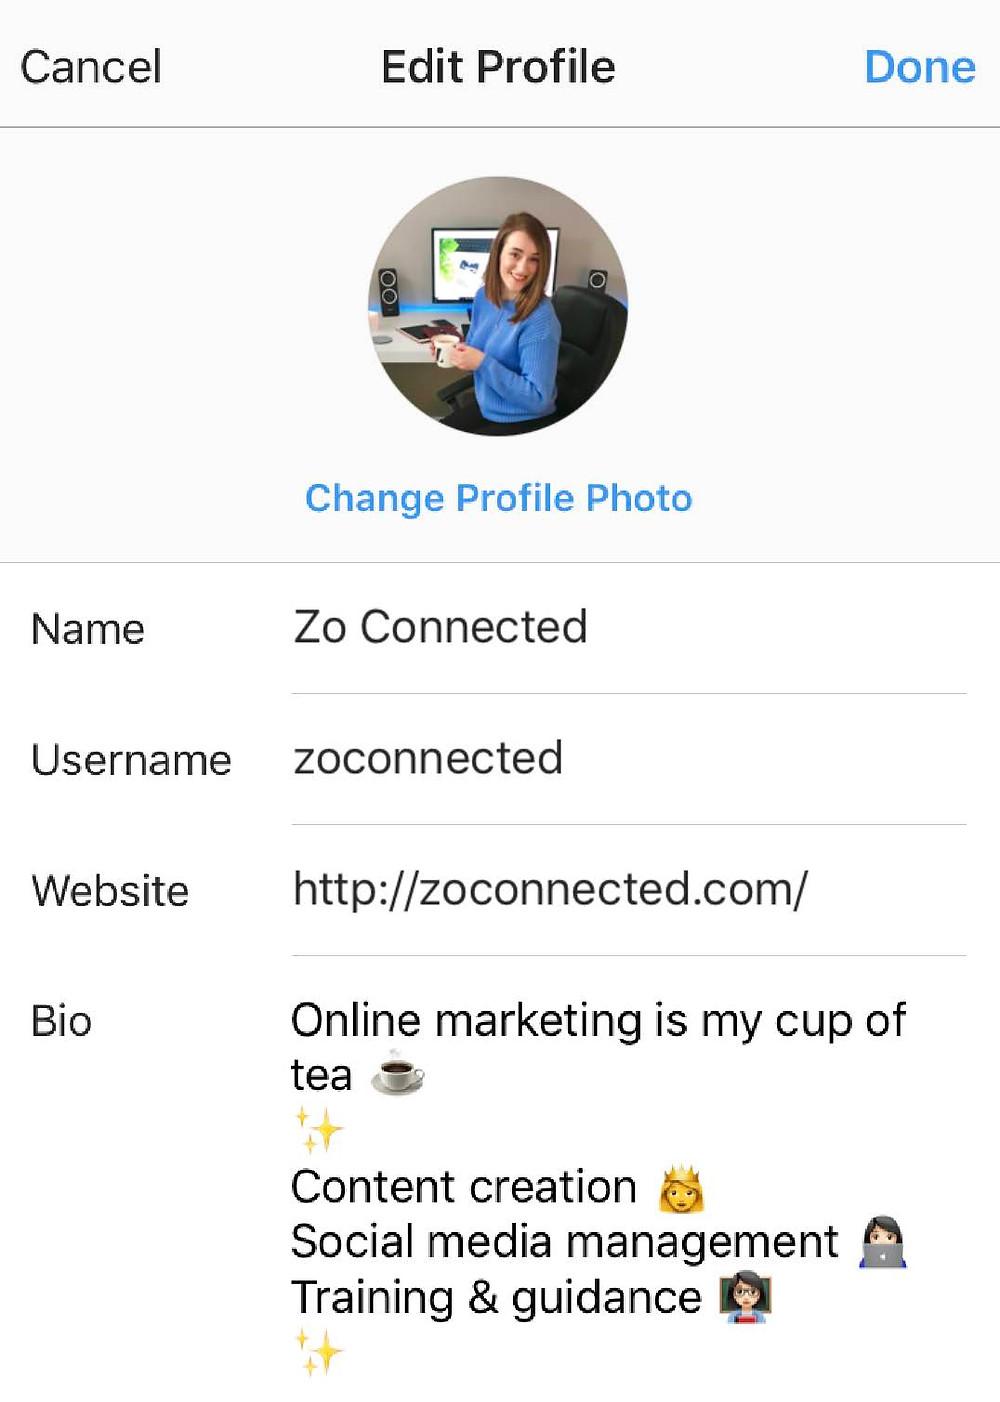 Zo Connected Instagram Tips